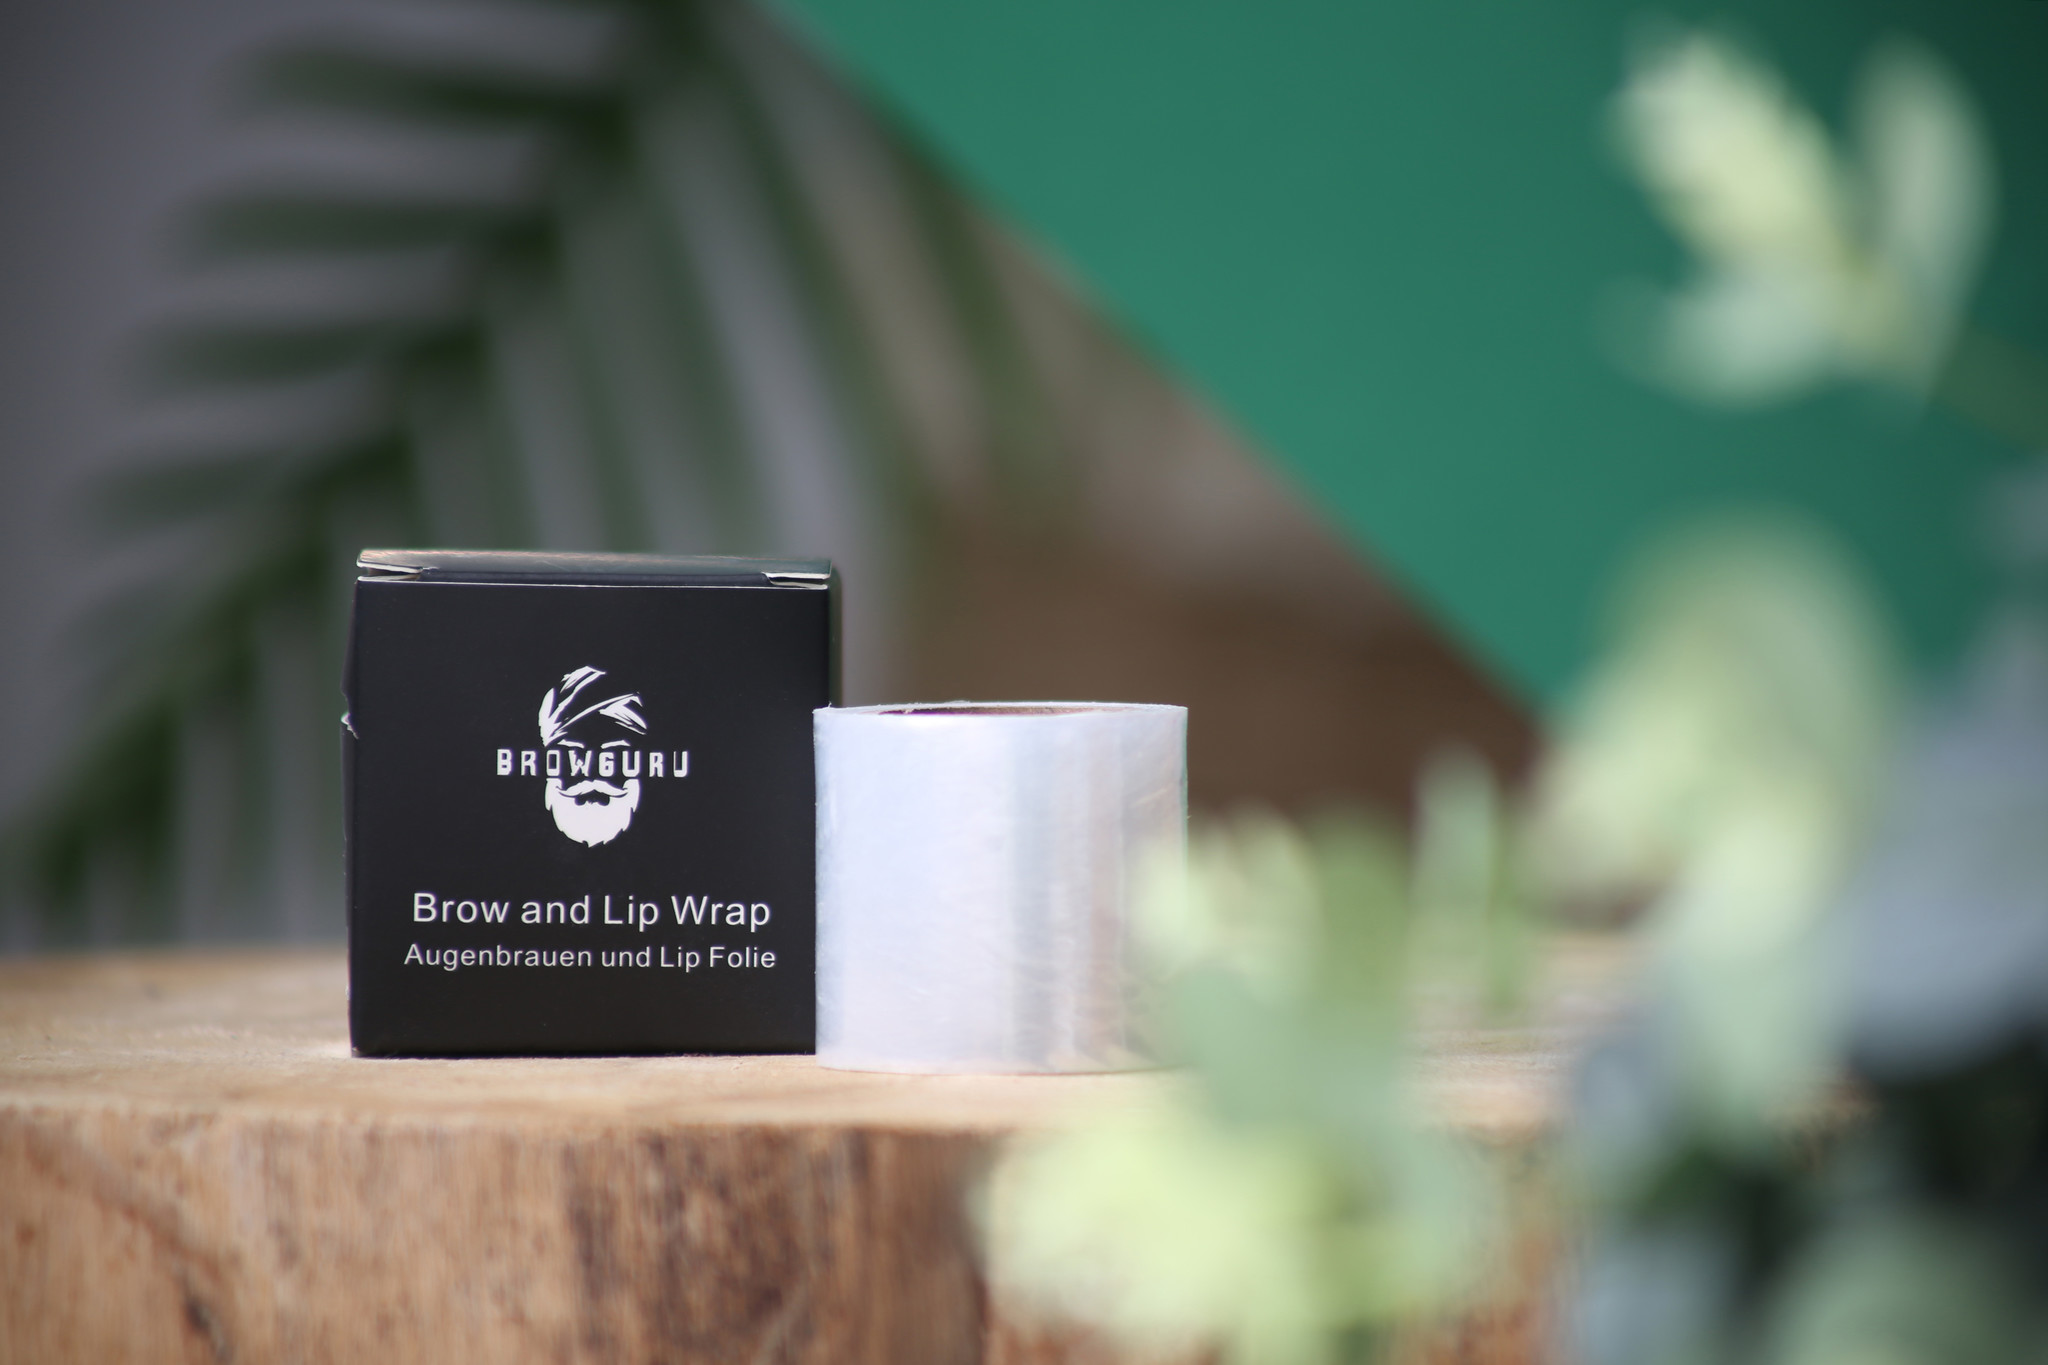 Wenkbrauwen fixeren gemakkelijk en eenvoudig met de Browlift Brow & Lip Wrap van Browguru